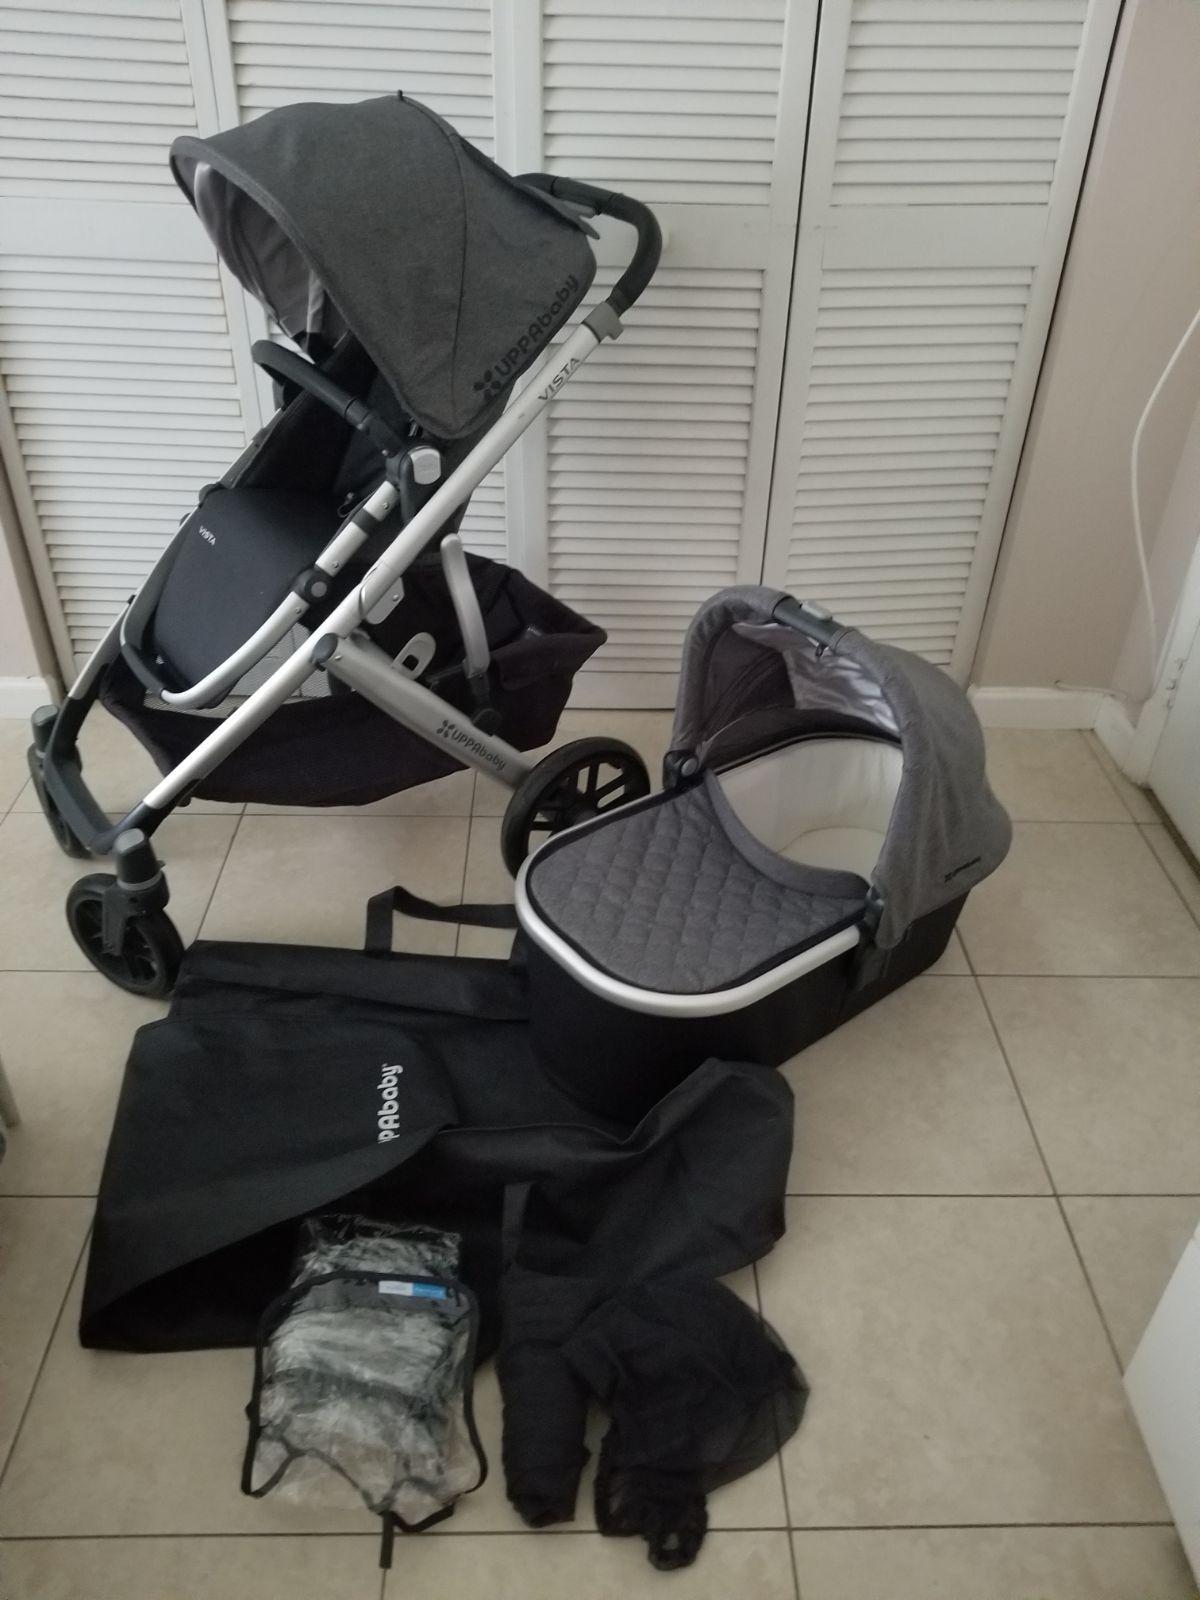 43+ Vista stroller bassinet used ideas in 2021